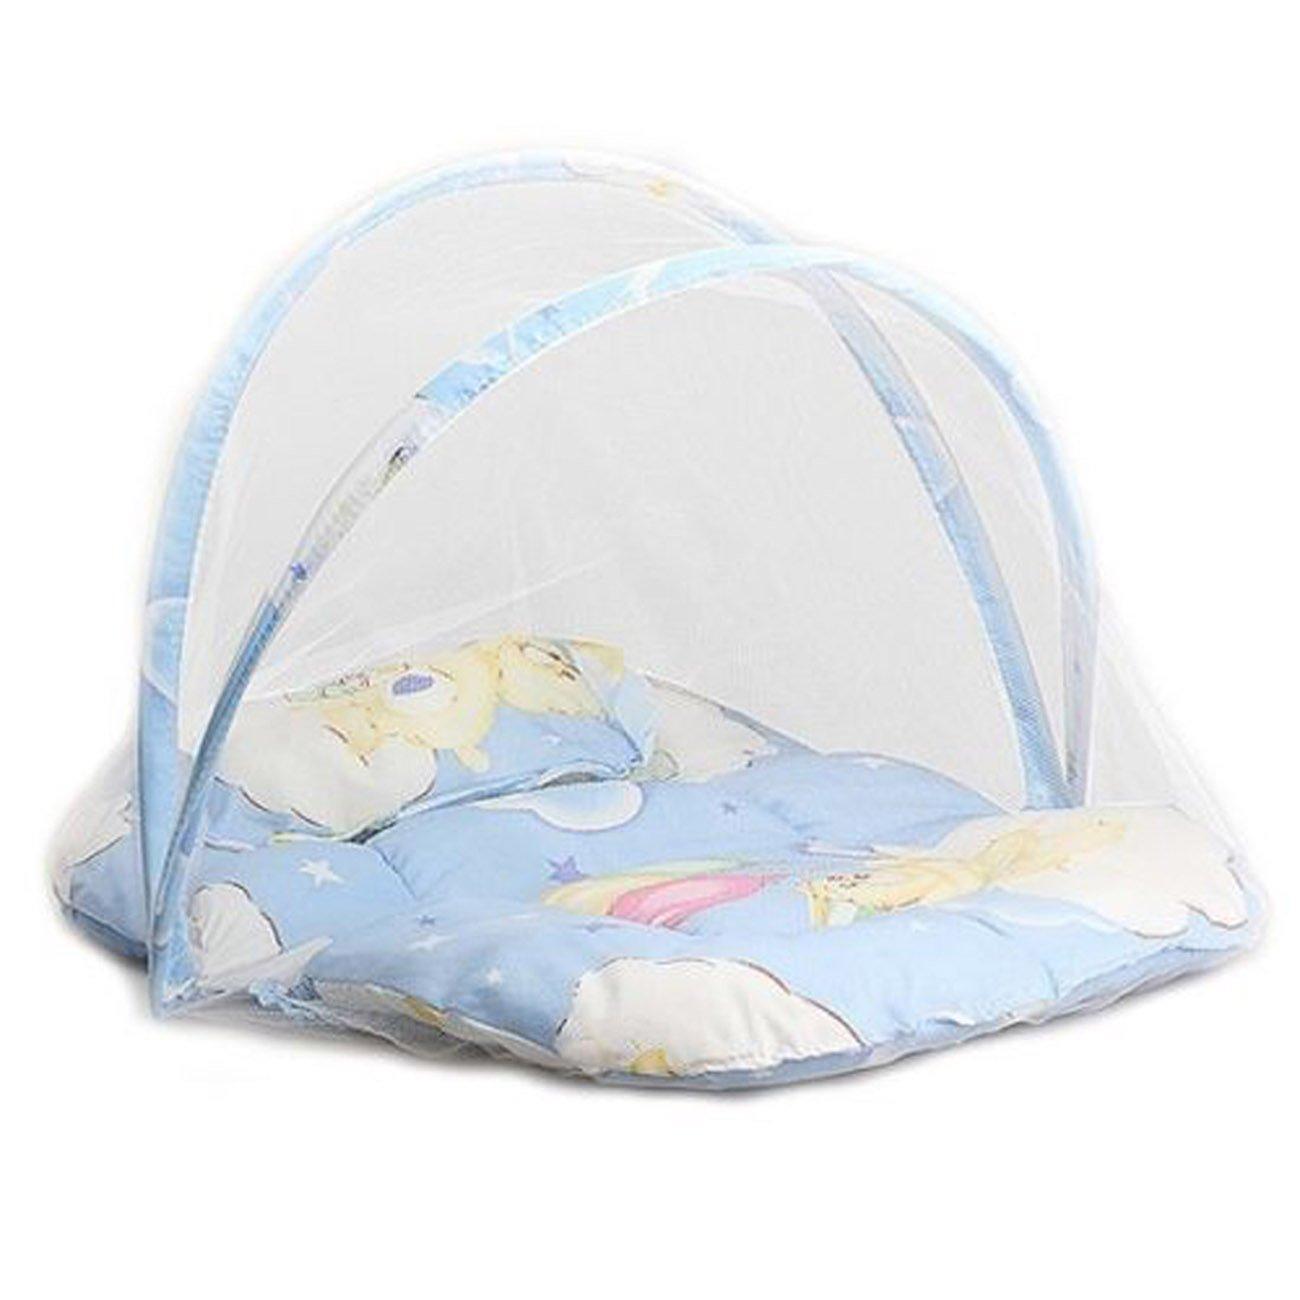 Bebé niño cama cuna dosel mosquitera tienda de campaña para viaje plegable portátil con almohada rosa rosa CHRONSTYLE